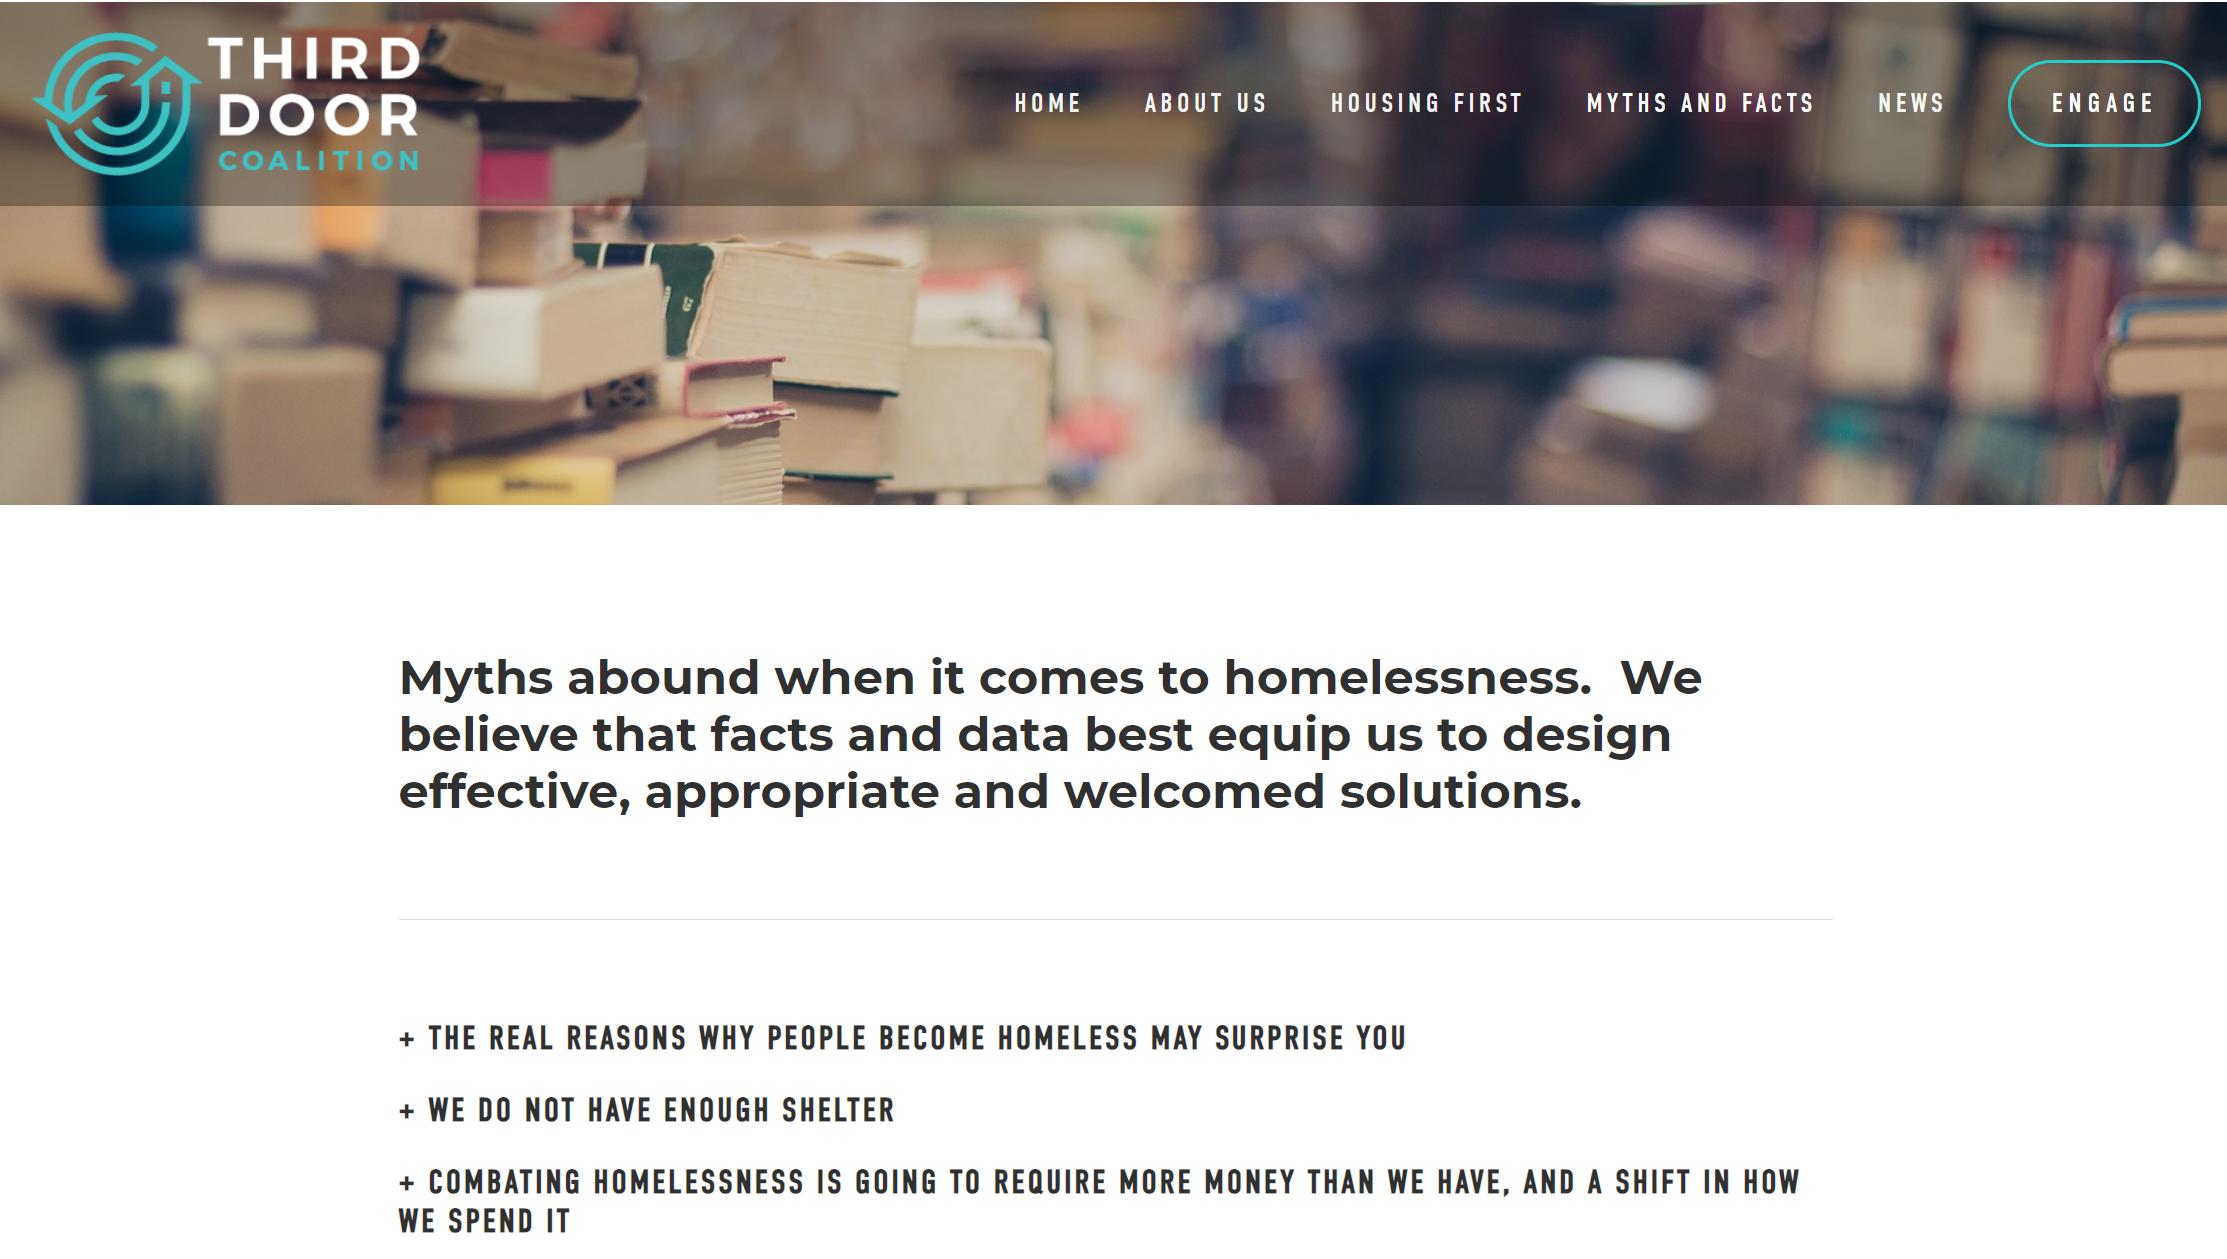 Creating a website - for Third Door Coalition